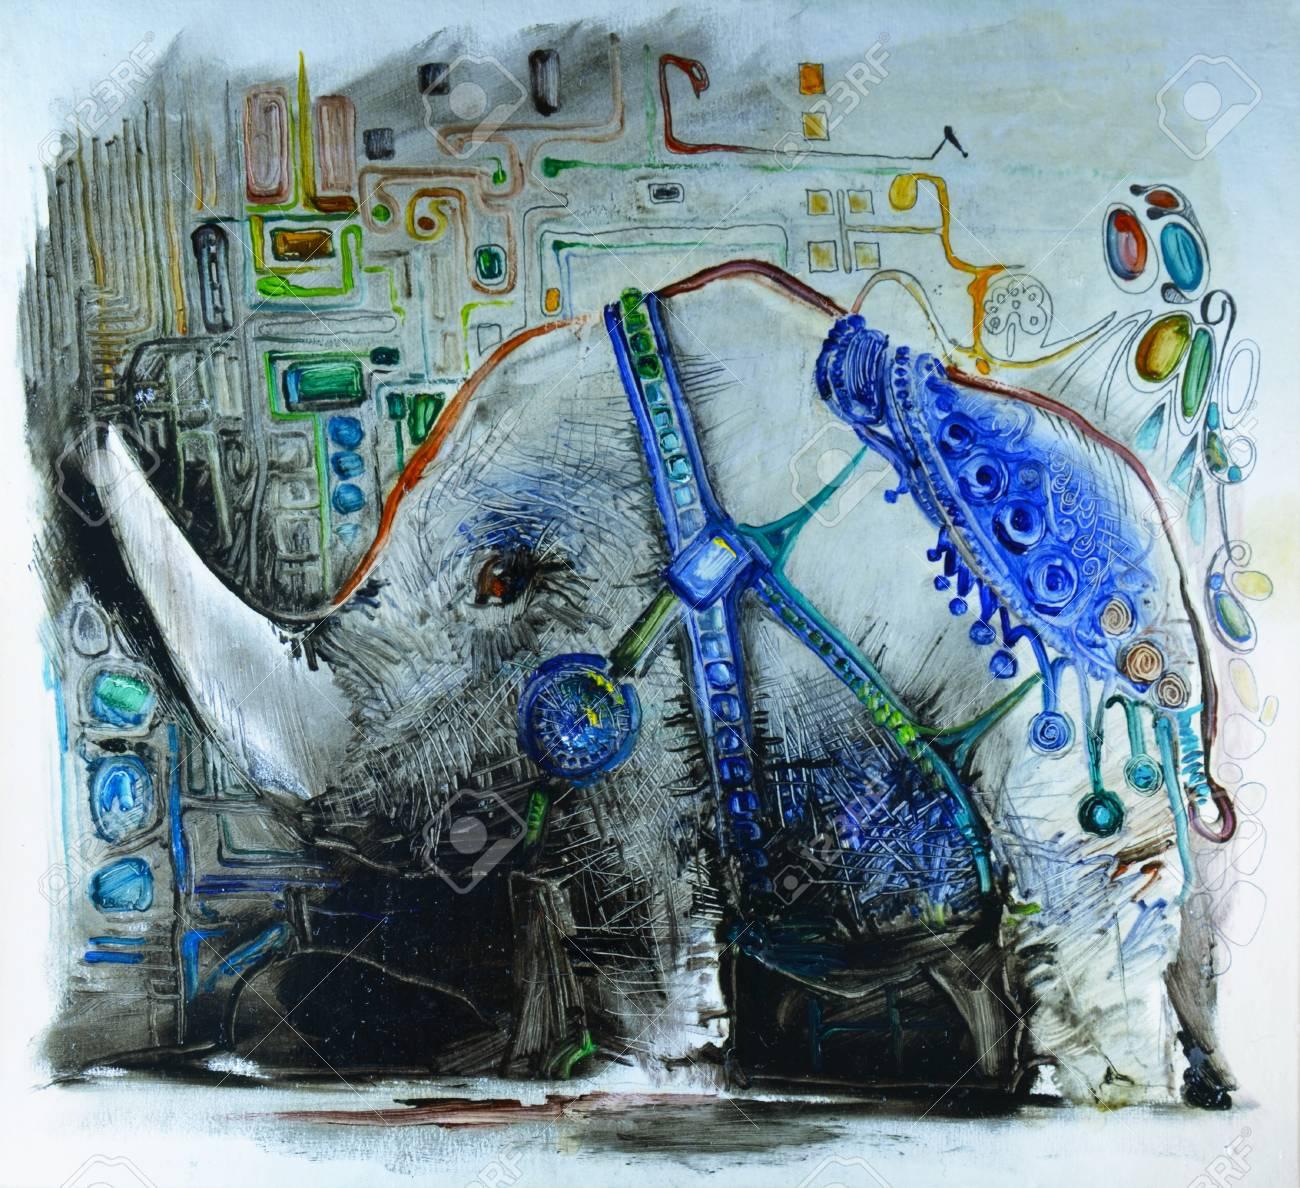 Un Asombroso Animal Pintado. Elefante, Rinoceronte Pintura. Patrón ...